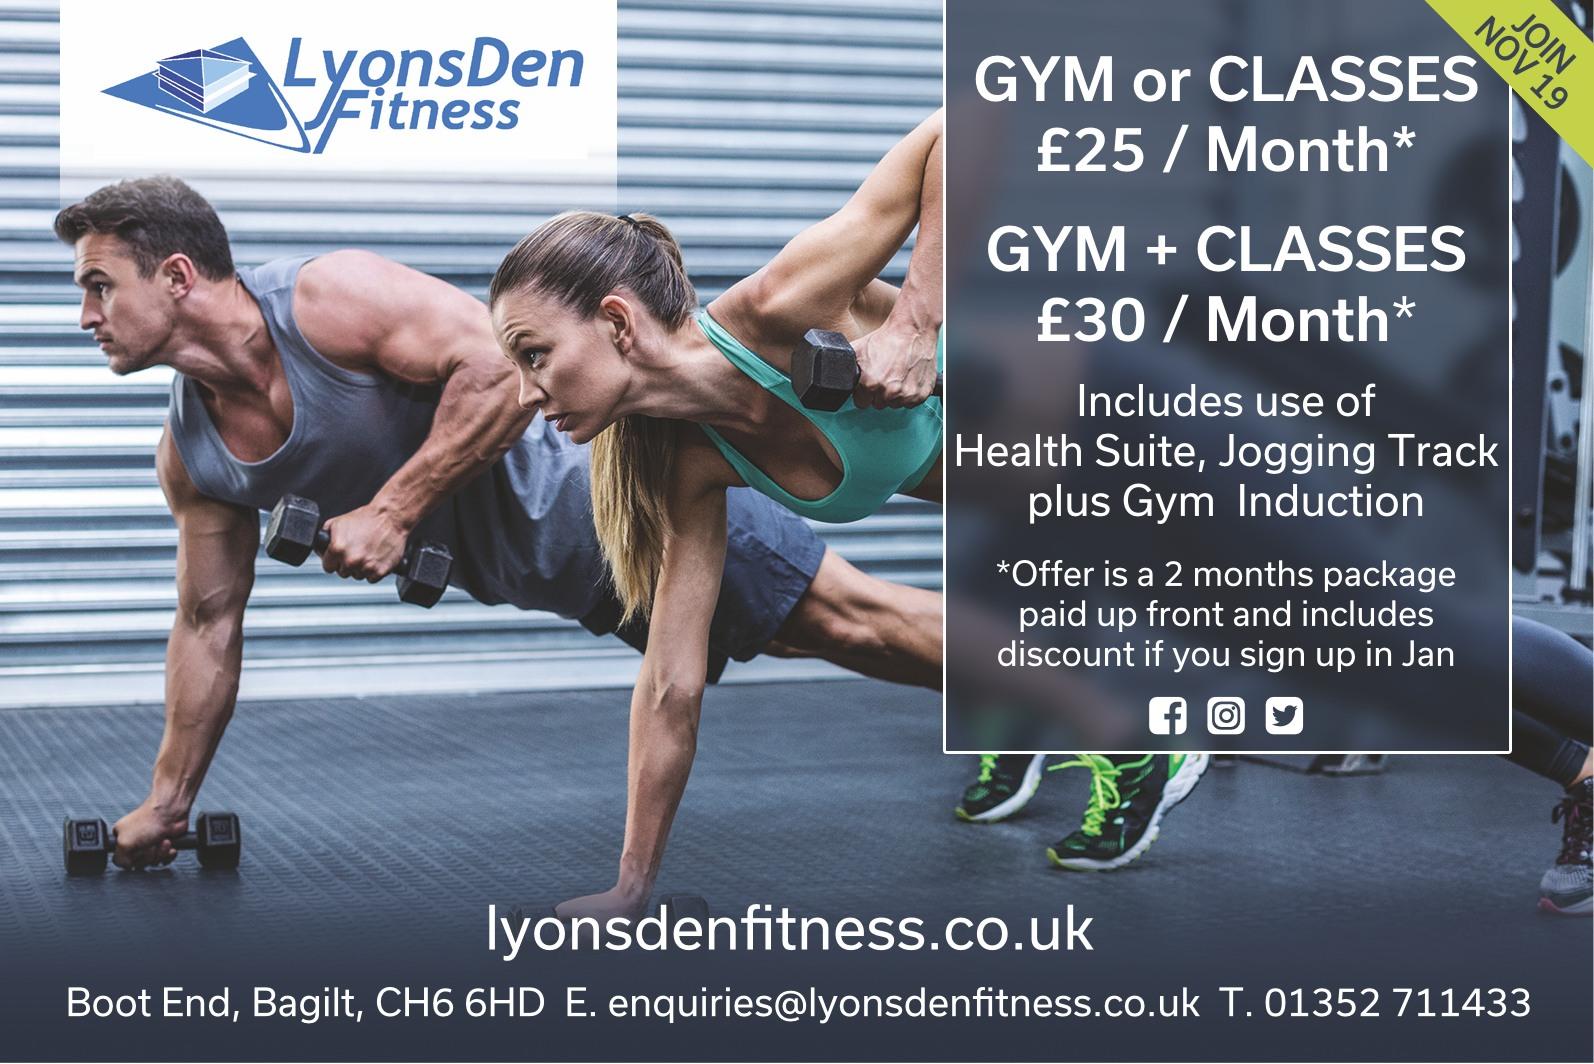 LyonsDen Fitness November 2019 offer